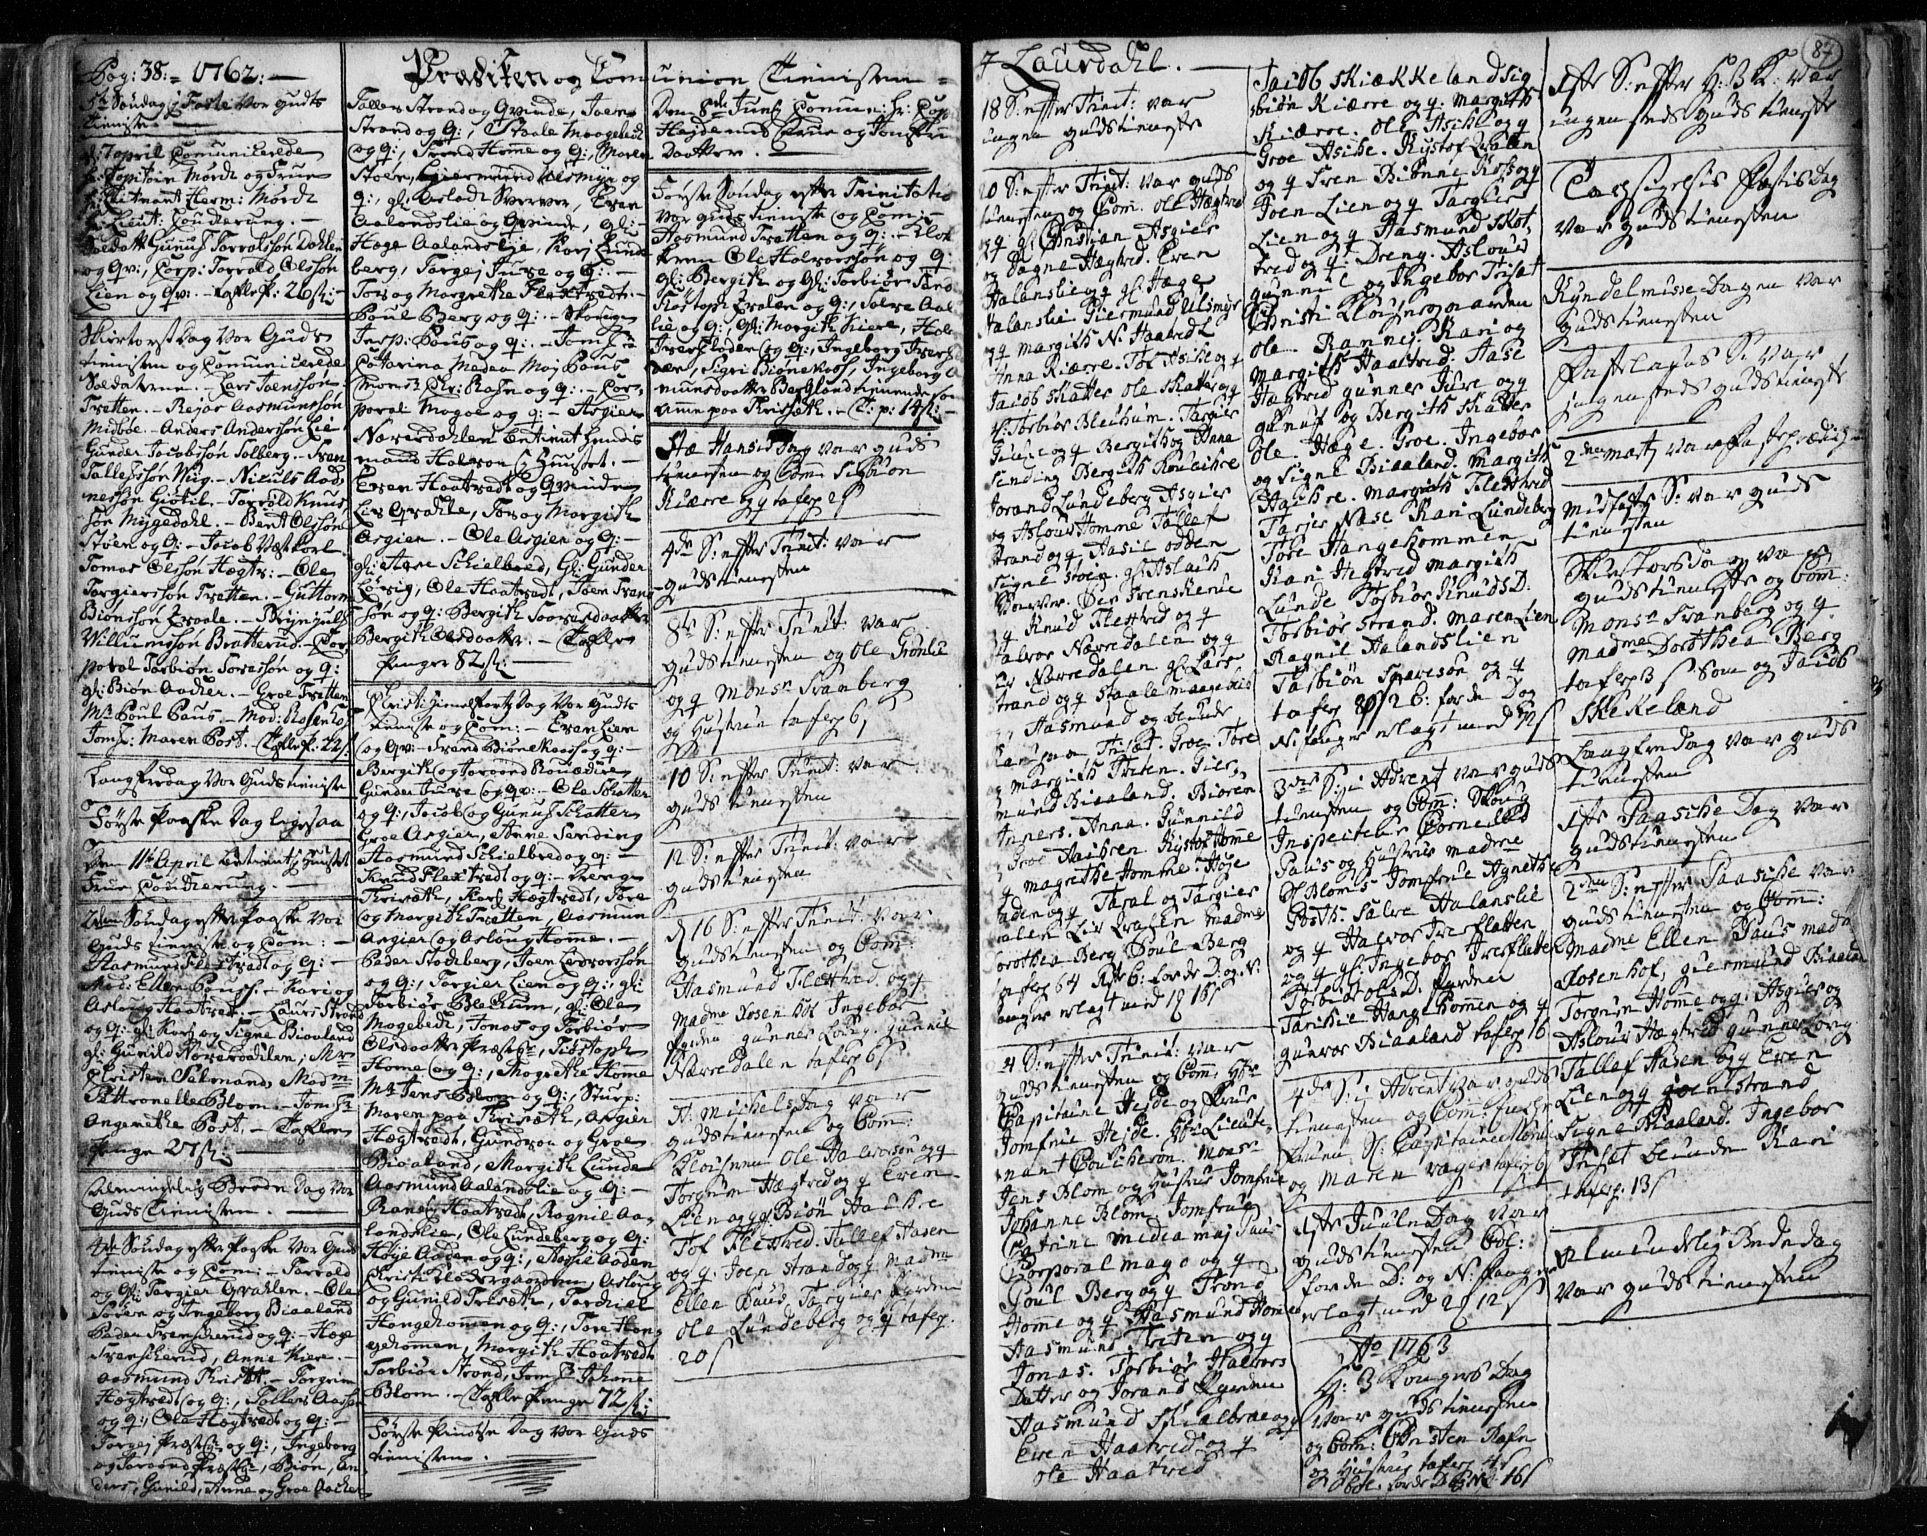 SAKO, Lårdal kirkebøker, F/Fa/L0003: Ministerialbok nr. I 3, 1754-1790, s. 87